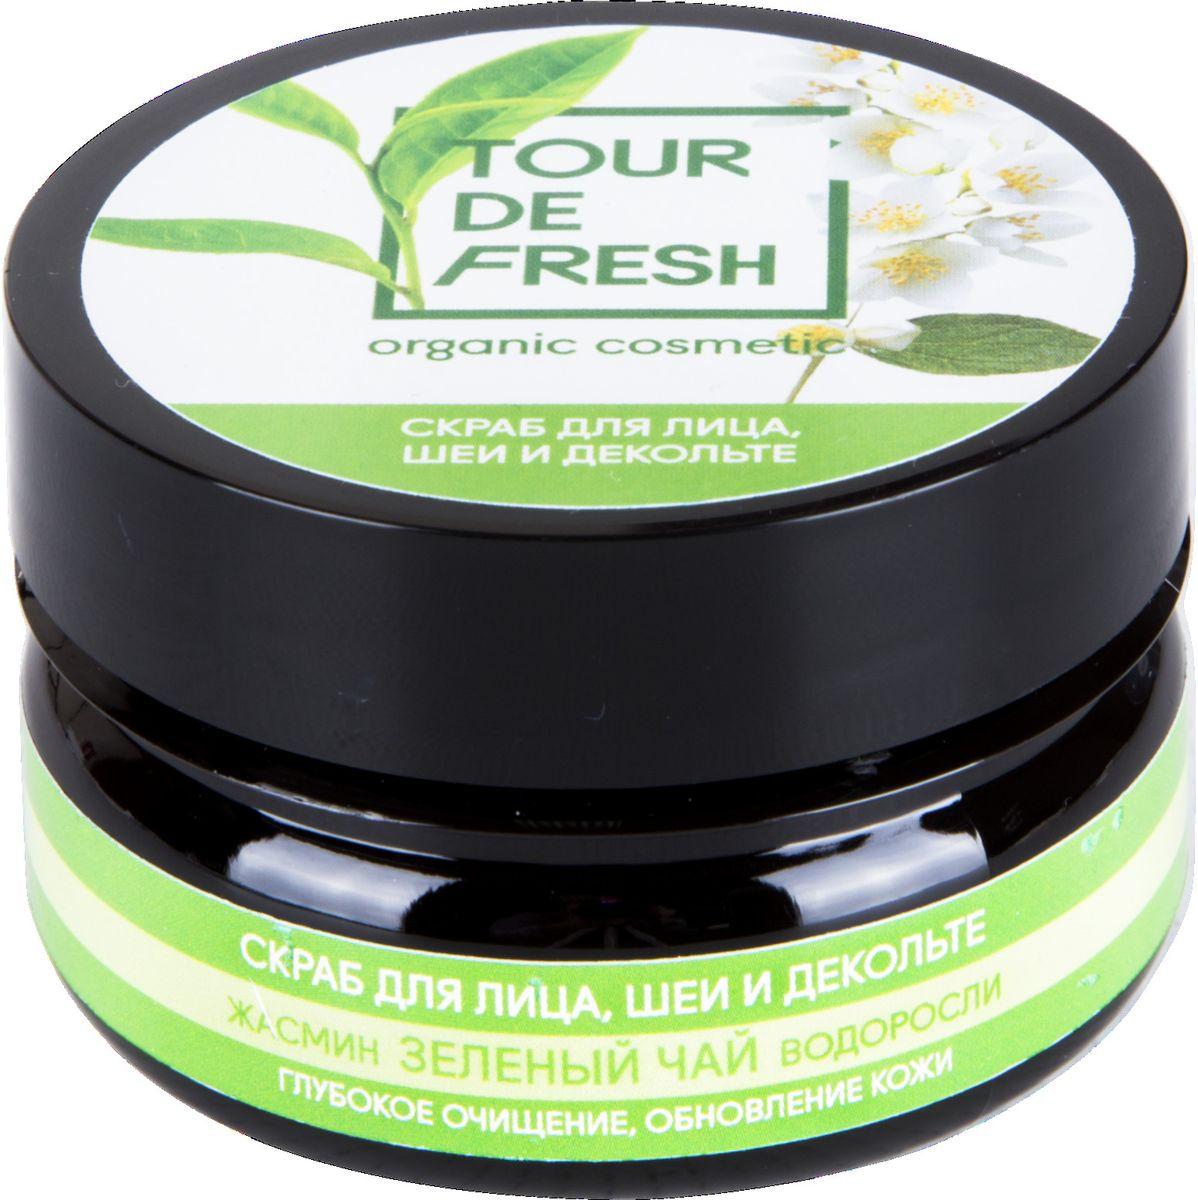 Tour De Fresh Скраб для лица, шеи и декольте Зеленый чай, жасмин и водоросли, 60 млУФ000000005Скраб предназначен для борьбы с первыми признаками старения. Зеленый чай богат антиоксидантами и ускоряет процессы восстановления клеток. Экстракт морских водорослей тонизирует и подтягивает, разглаживая мелкие морщины. Масло жасмина глубоко питает и увлажняет кожу.